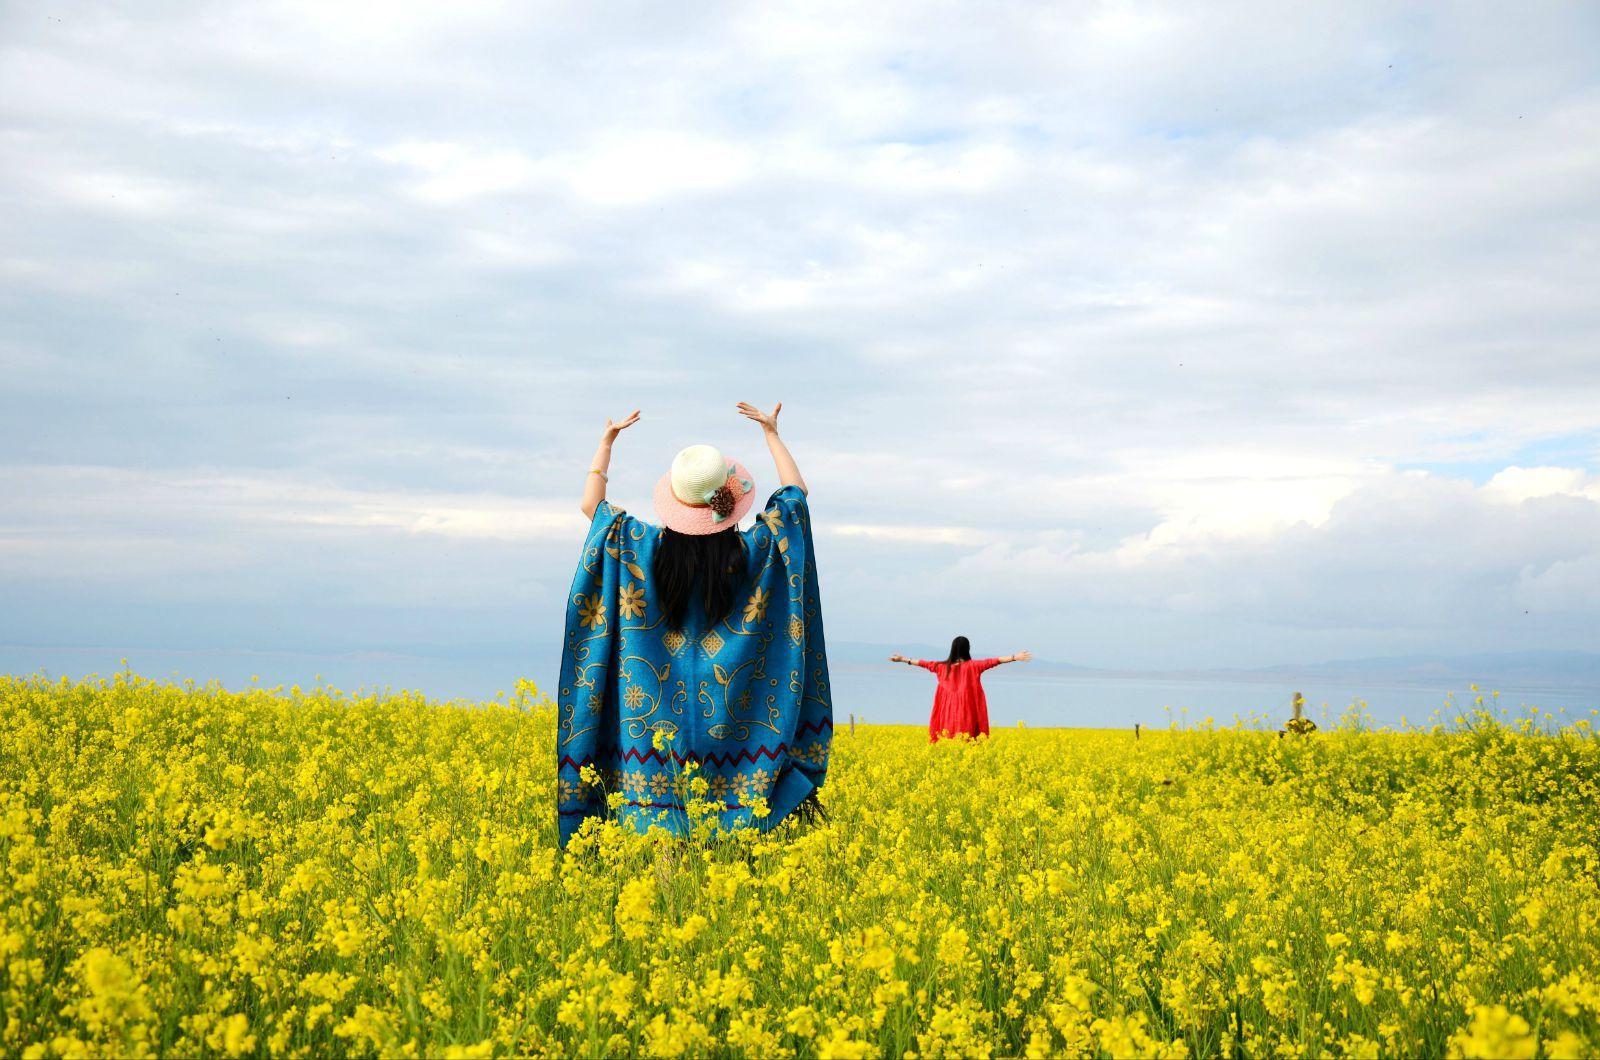 盐沙攻略,青甘之行~-青海湖世界攻略【携程之旅】幻想攻略游记v攻略图片